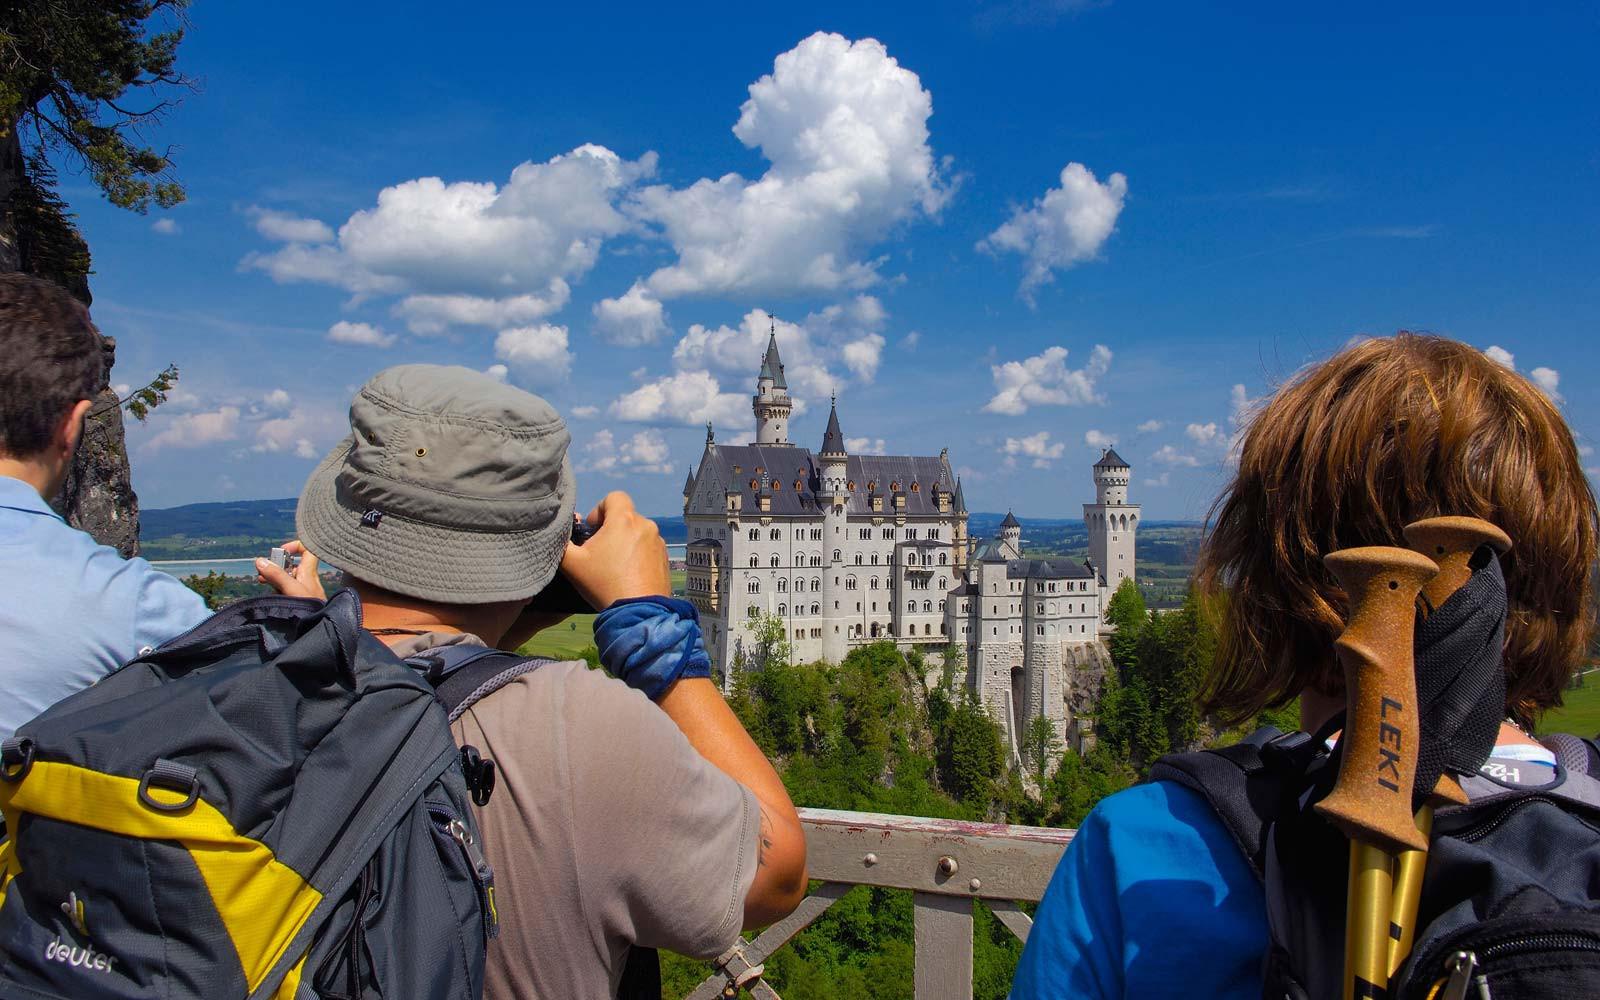 Không thể bỏ qua lâu đài Neuschwanstein trong chuyến du lịch Châu Âu - ảnh 2